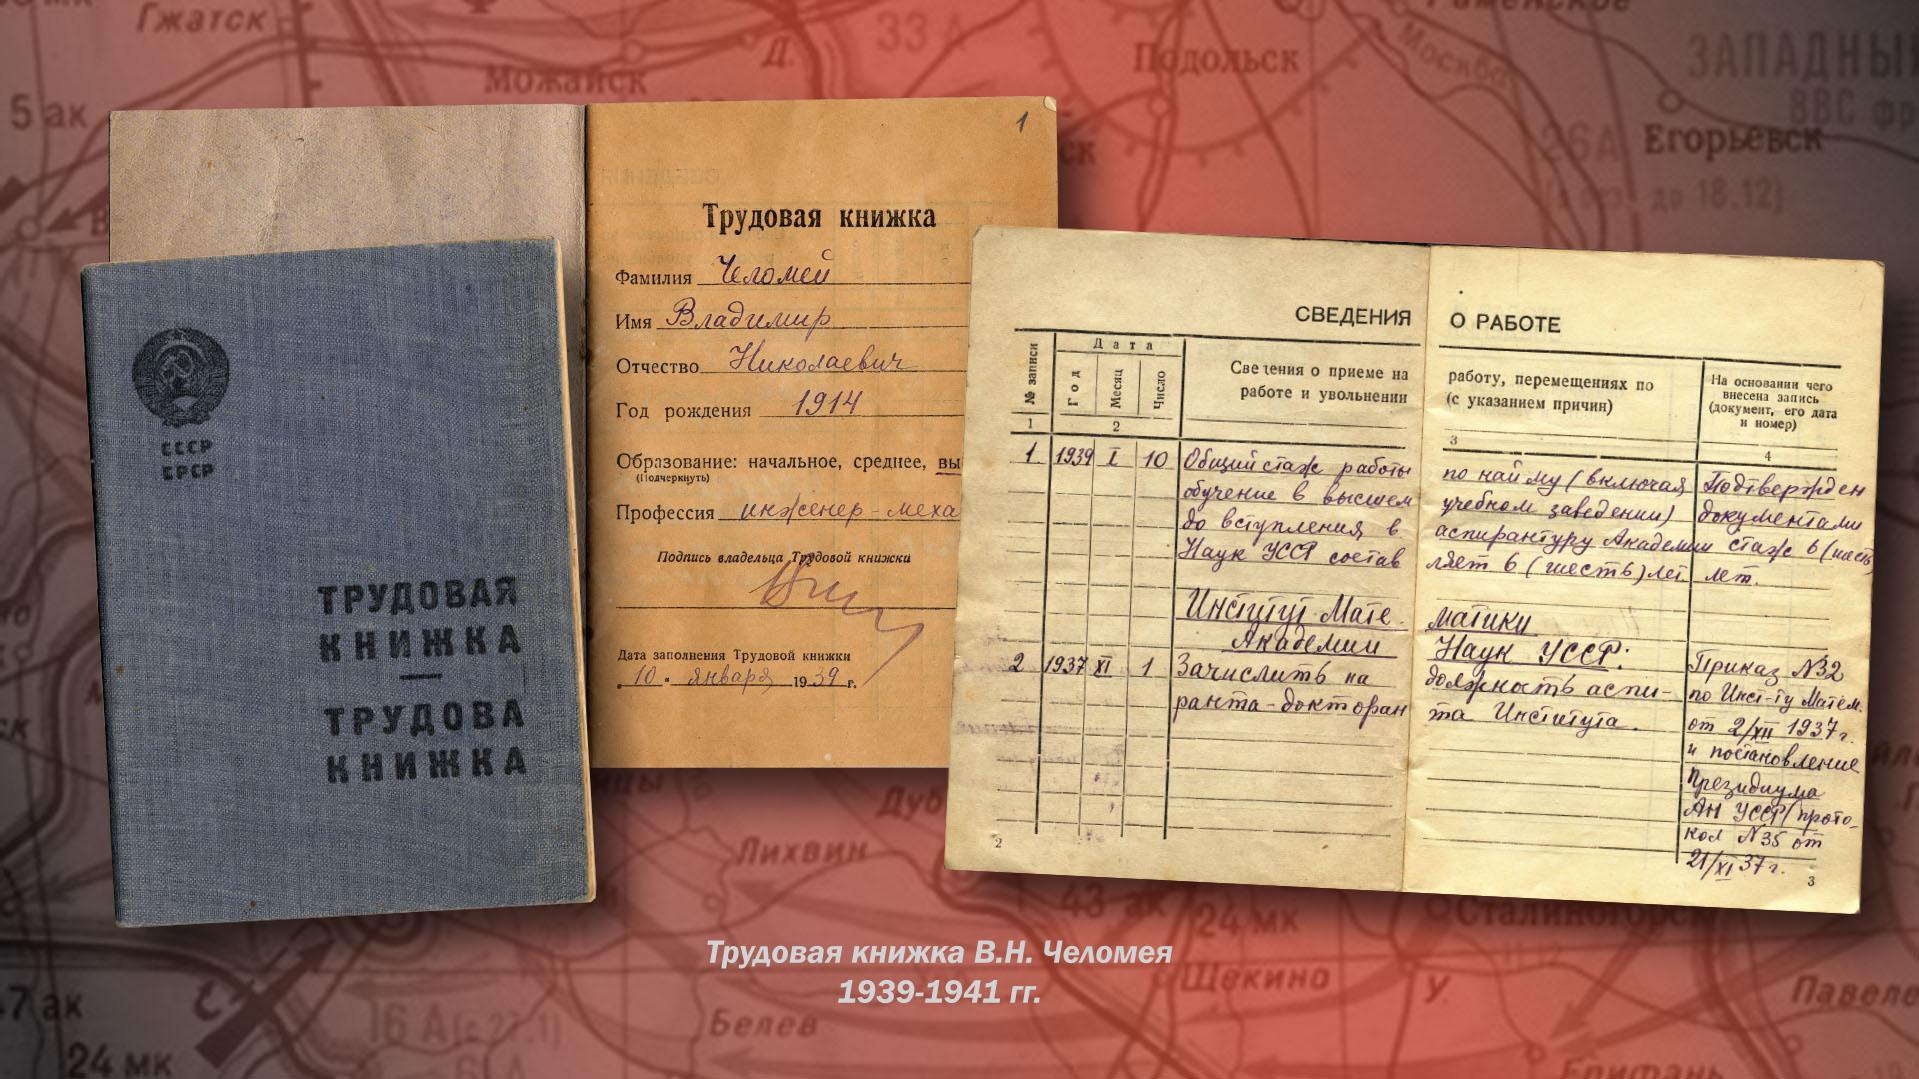 Трудовая книжка В.Н. Челомея